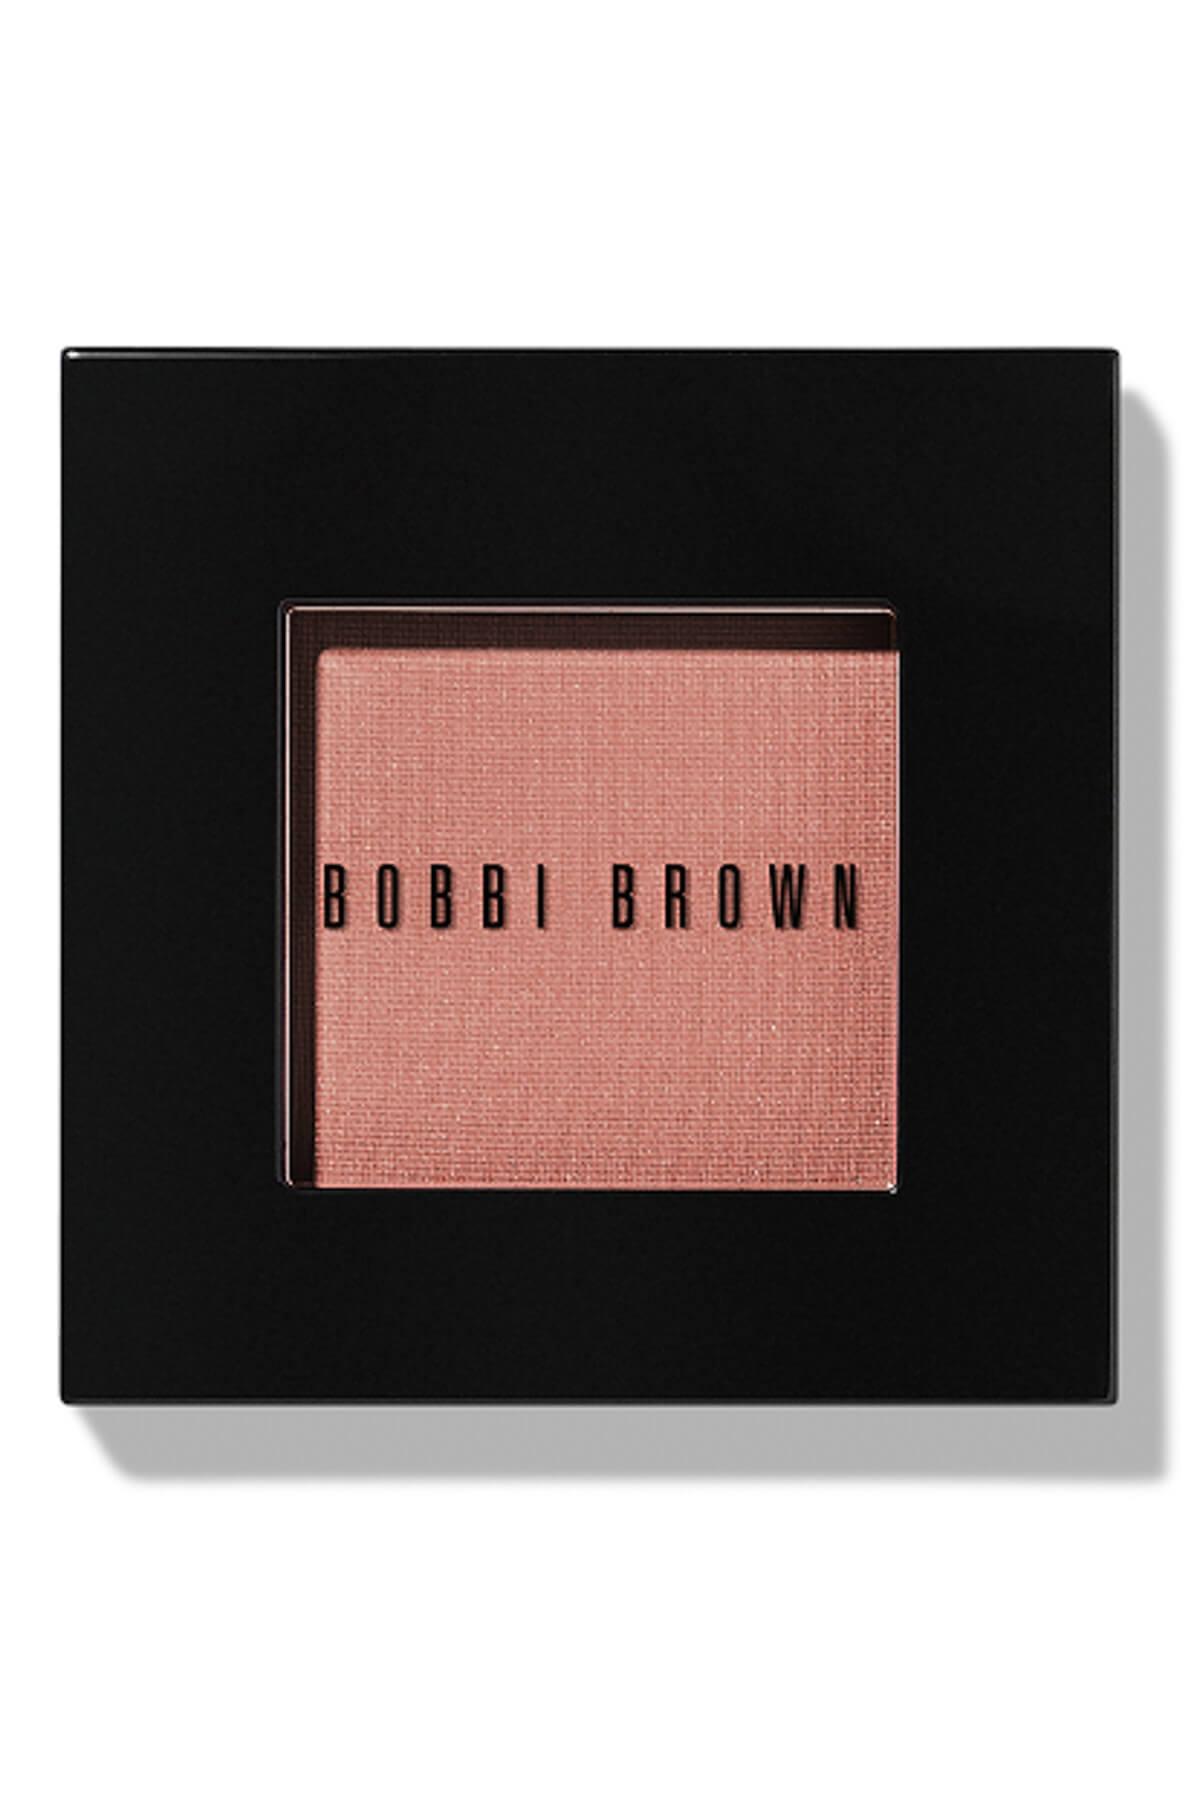 BOBBI BROWN Allık - Blush - Slopes 17 716170059747 1